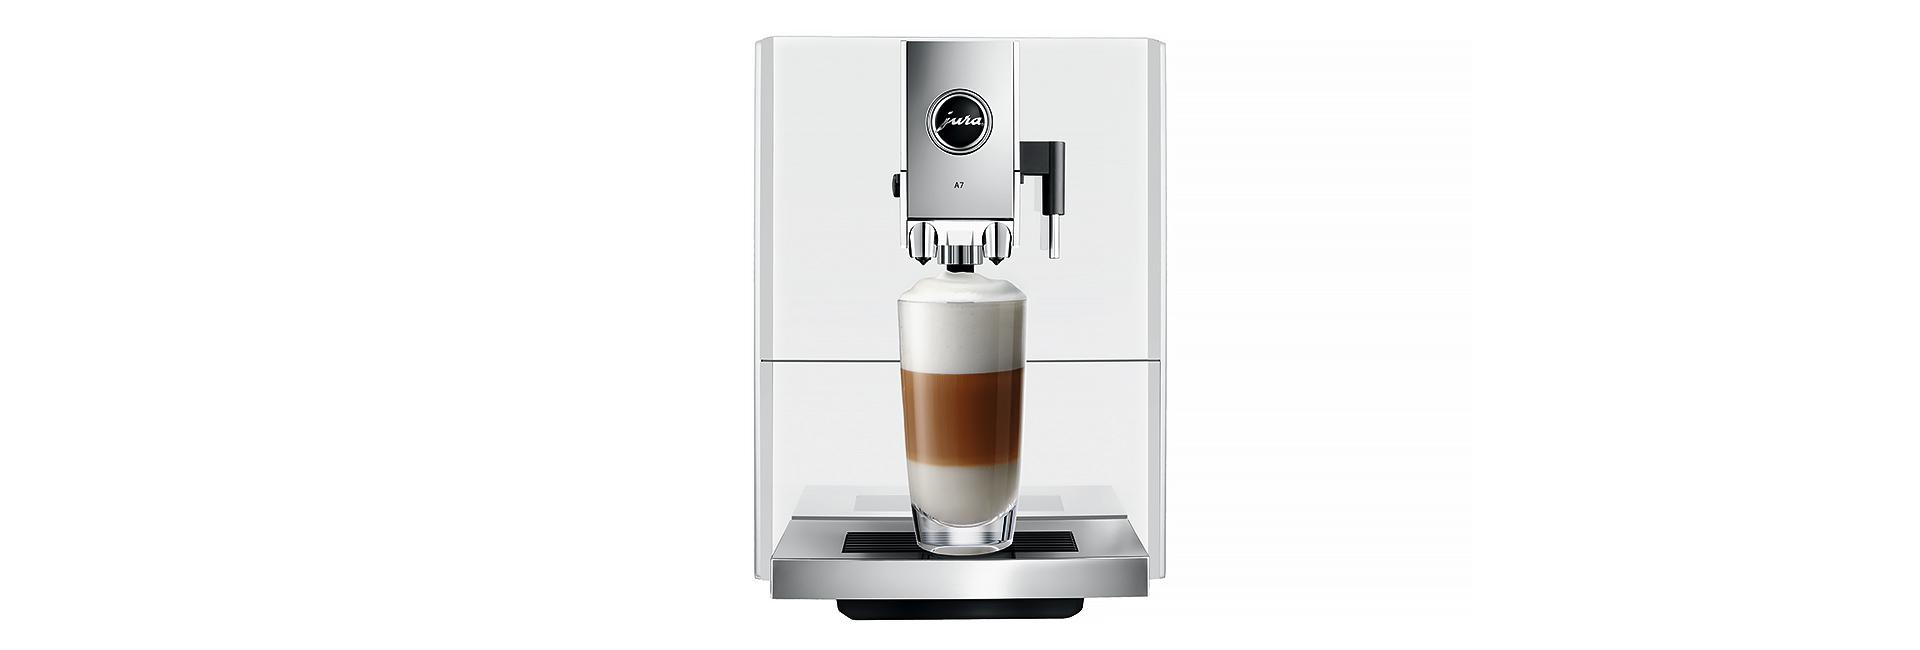 Как выбрать идеальную кофемашину в Москве? (фото 3)